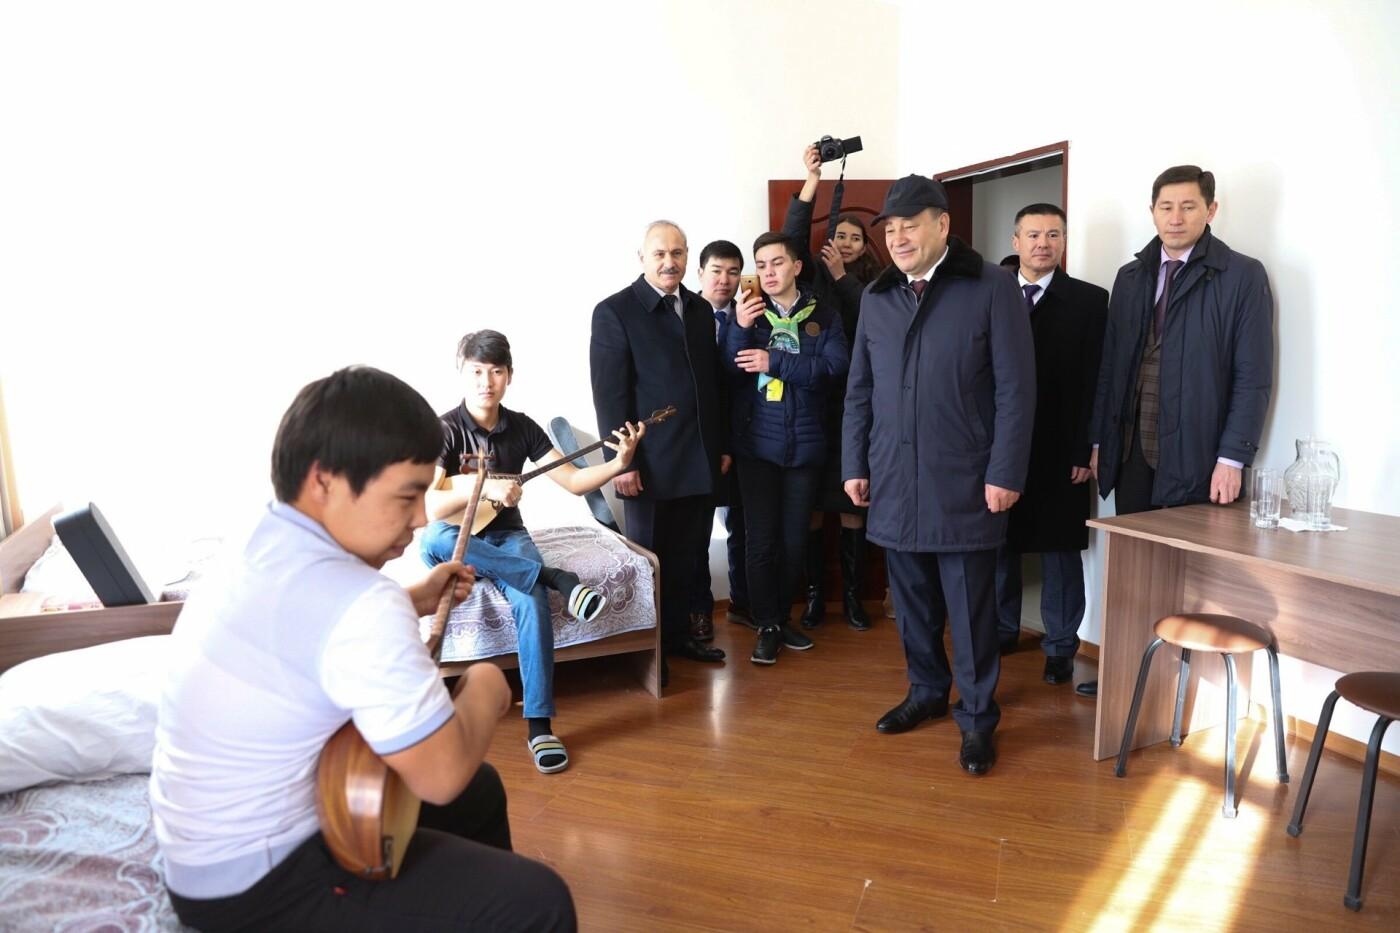 Общежитие для студентов на 210 мест открыли в Актау, фото-2